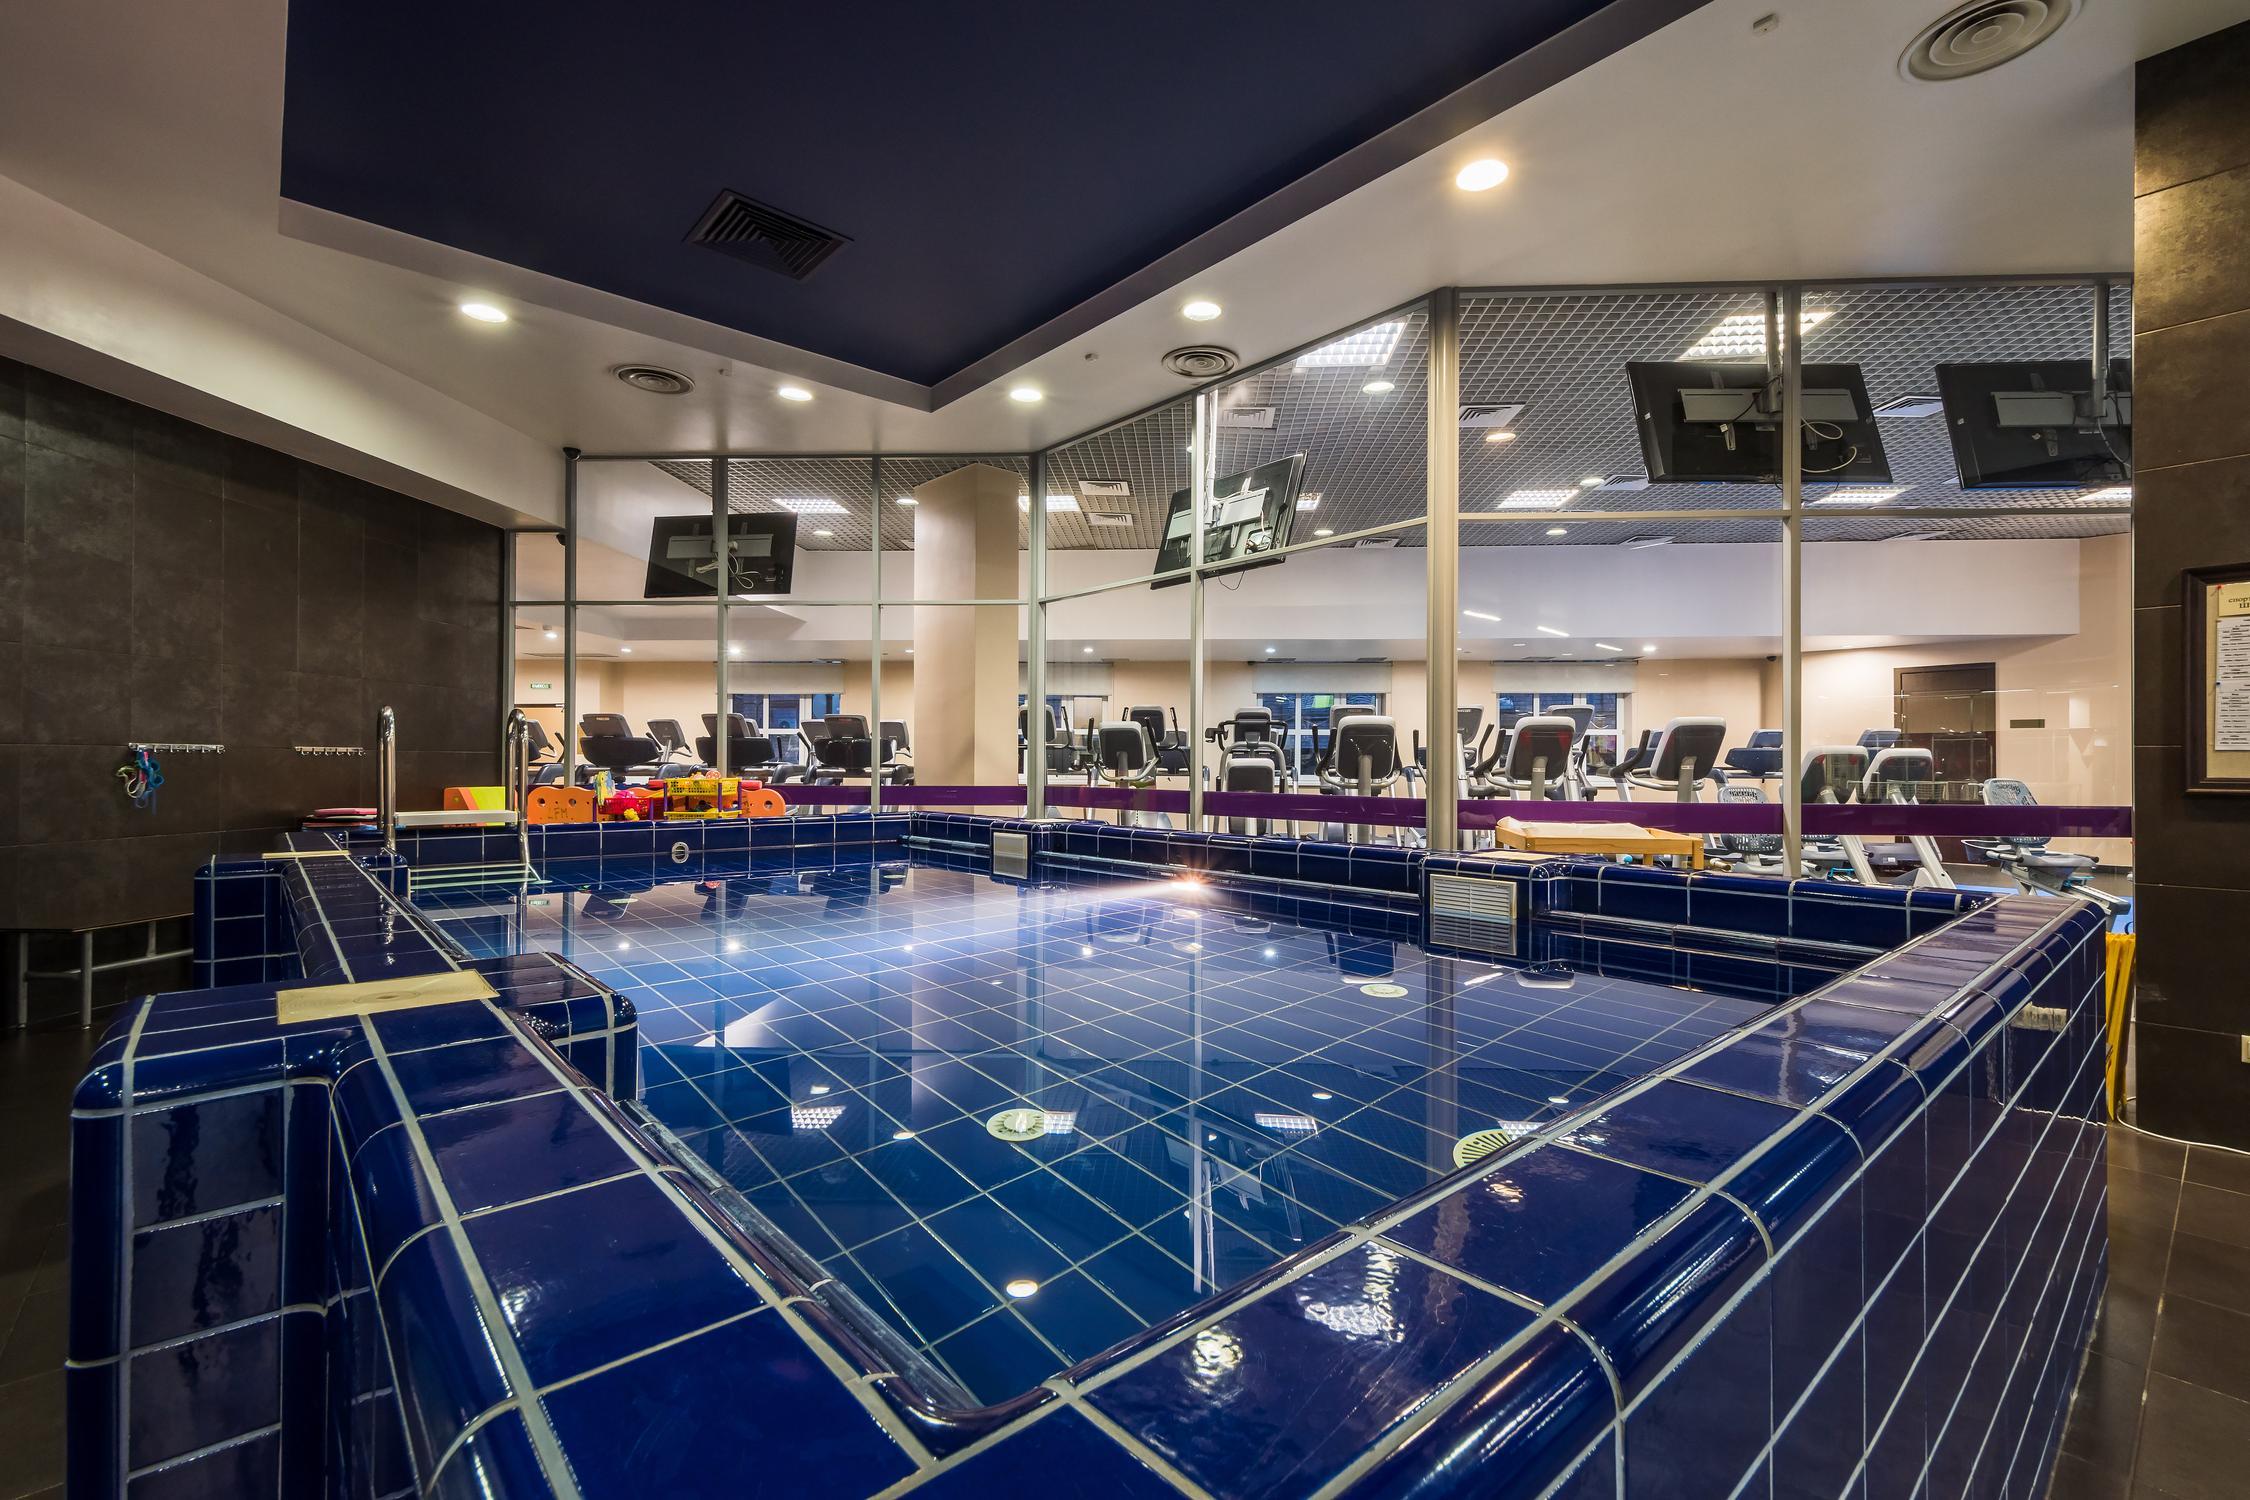 Фитнес клубы москва бауманская прямой эфир канала ночной клуб